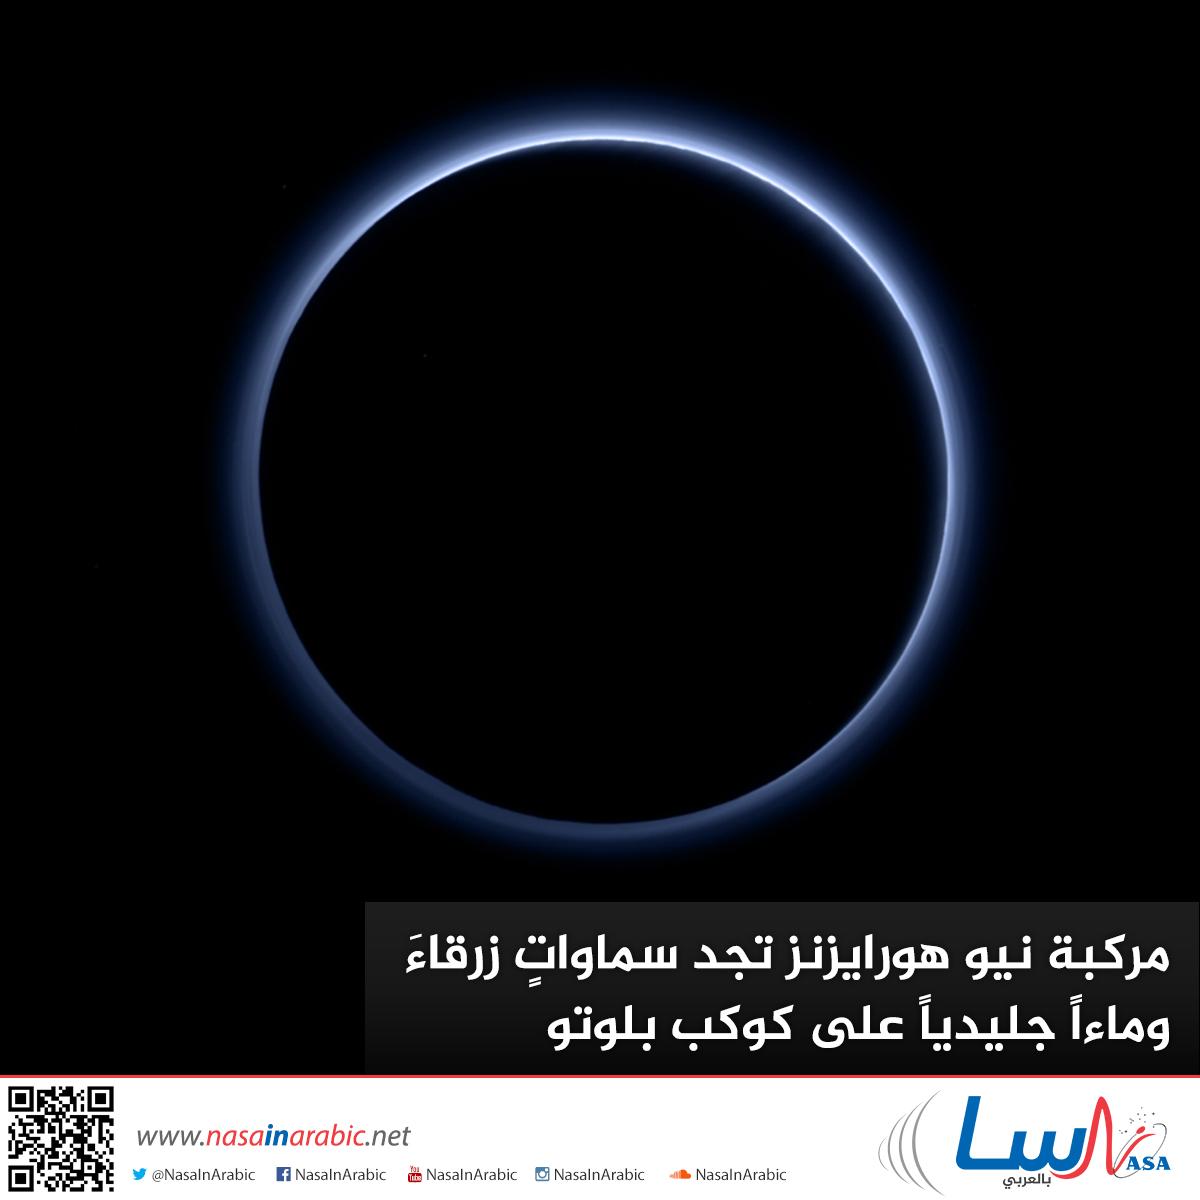 مركبة نيو هورايزنز تجد سماواتٍ زرقاءَ وماءاً جليدياً على كوكب بلوتو